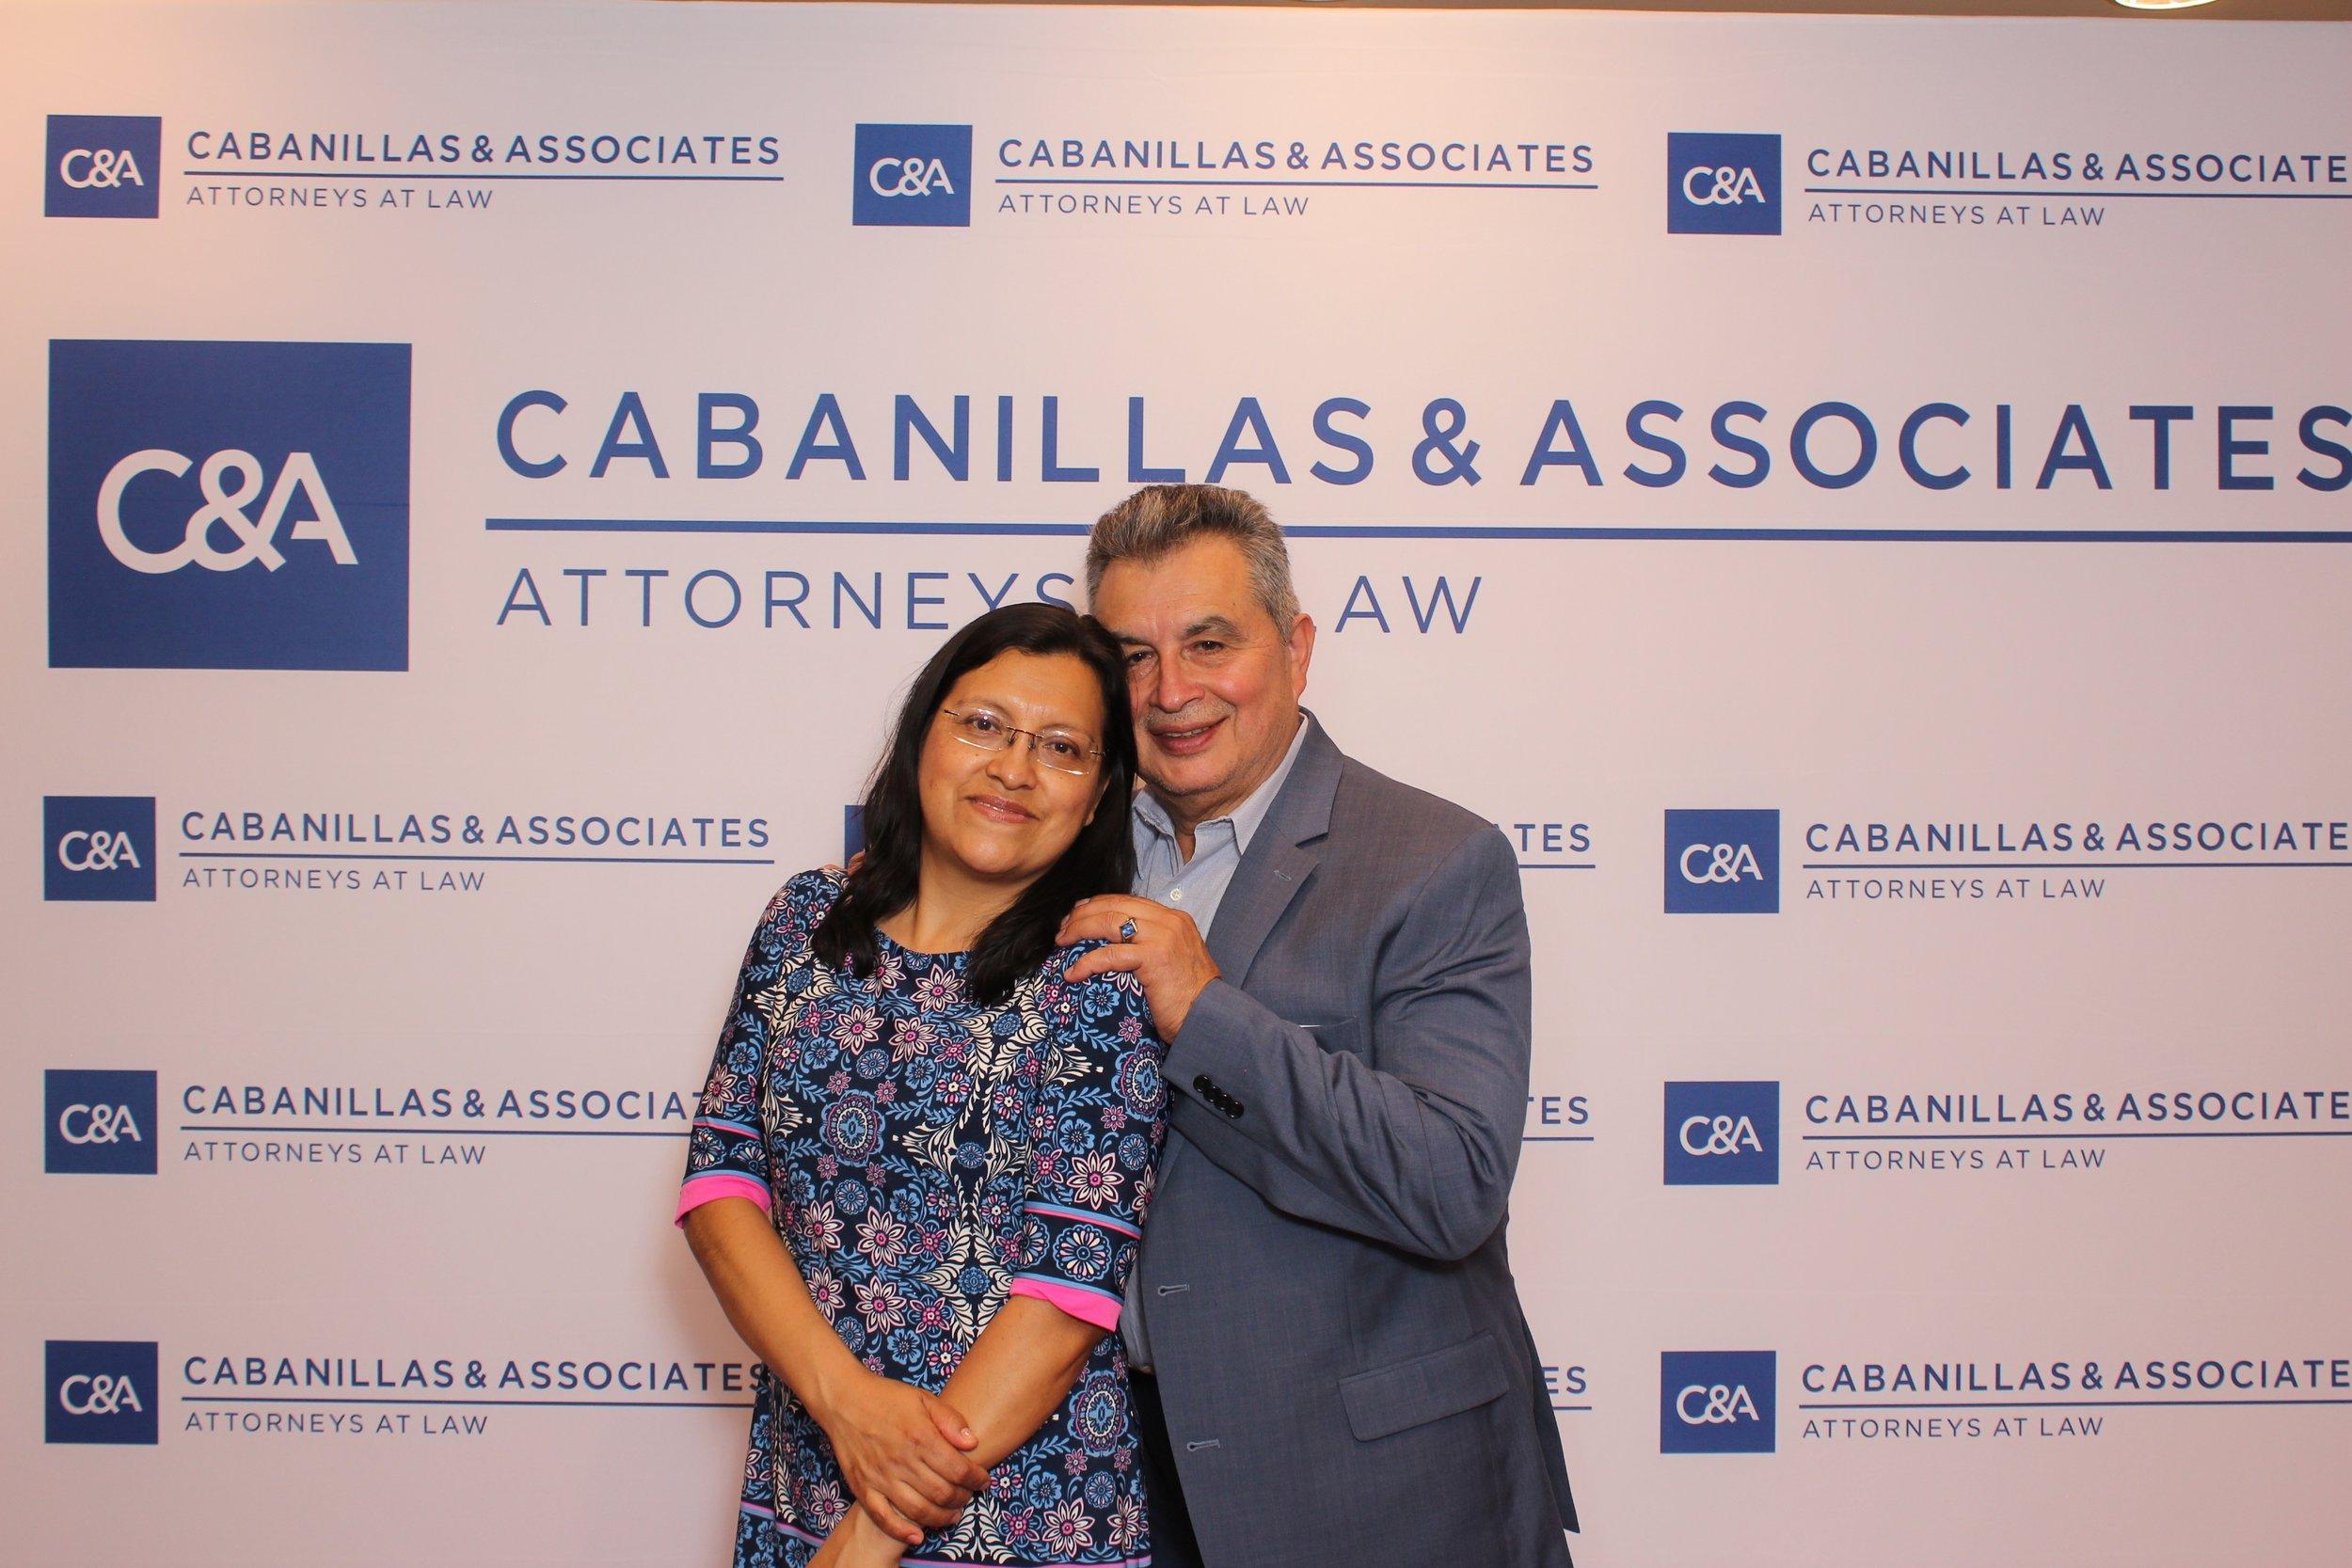 Cabanillas2018_2018-06-14_21-06-33.jpg